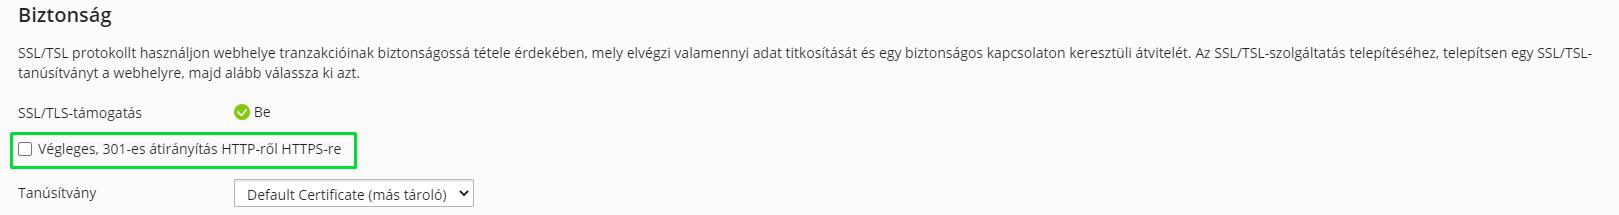 https://tarhely.eu/kulso/ugyfeladmin/2021/plesk-redirect/plesk_redi3.png